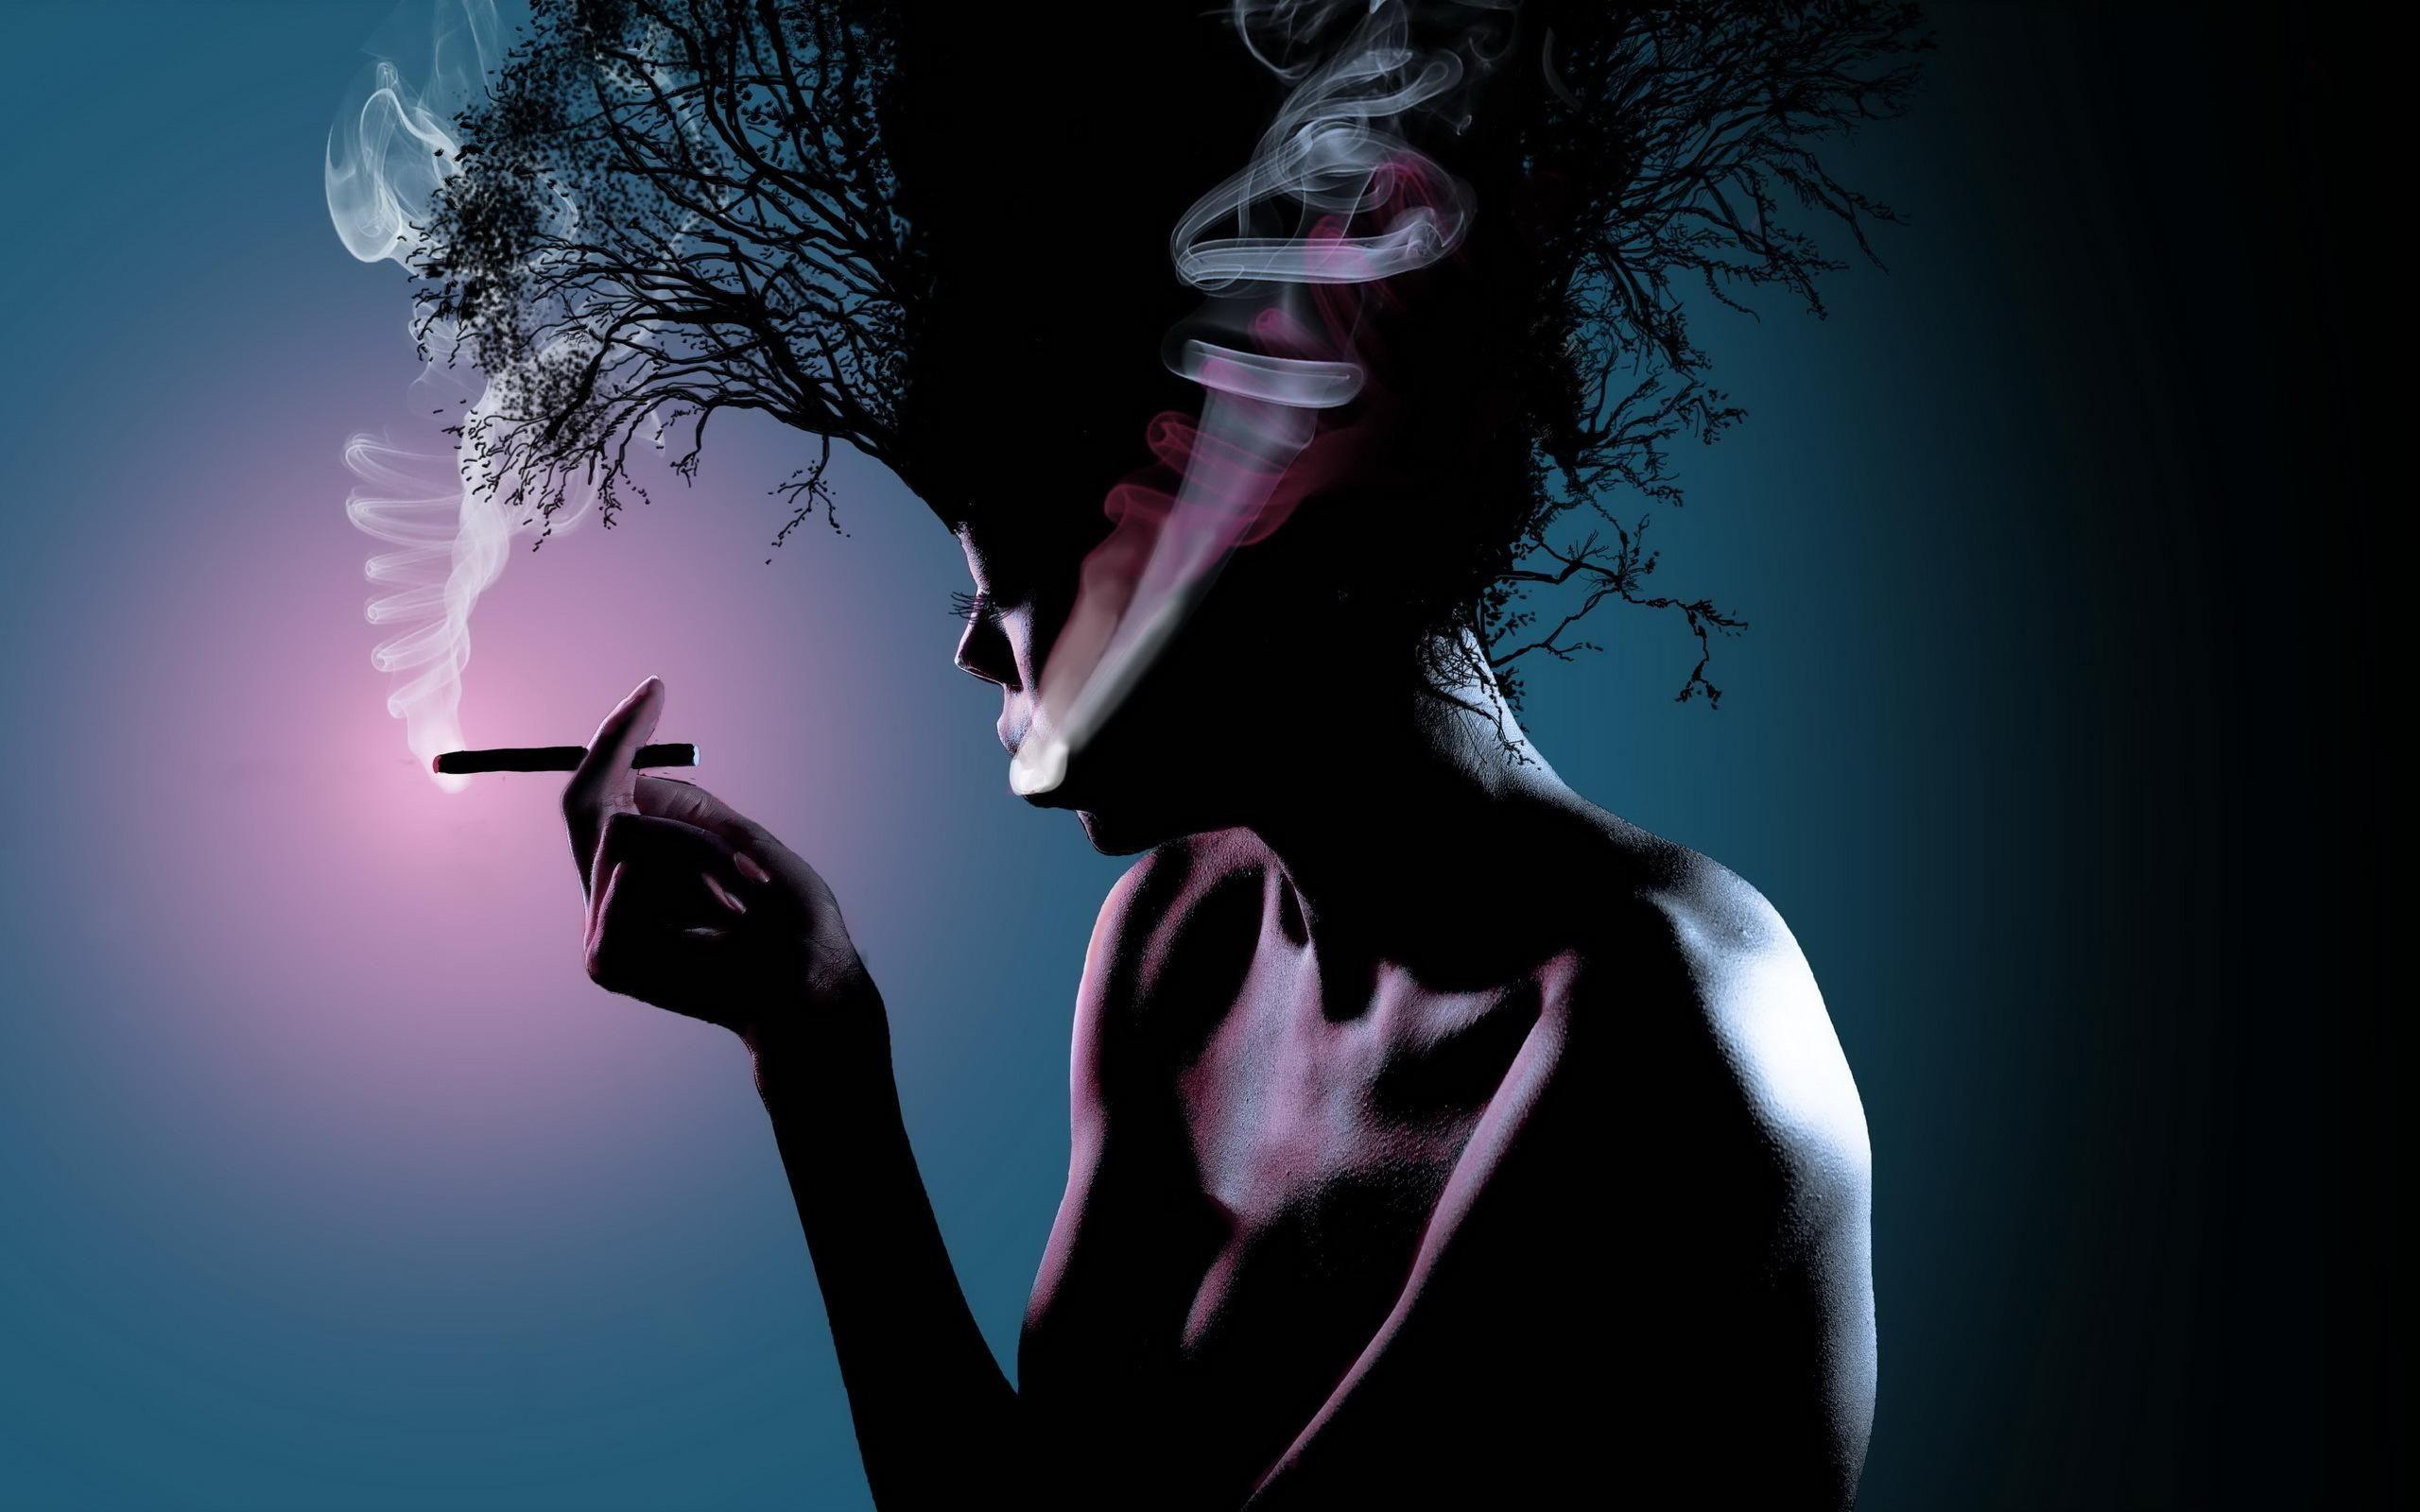 Αποτέλεσμα εικόνας για smoking hd